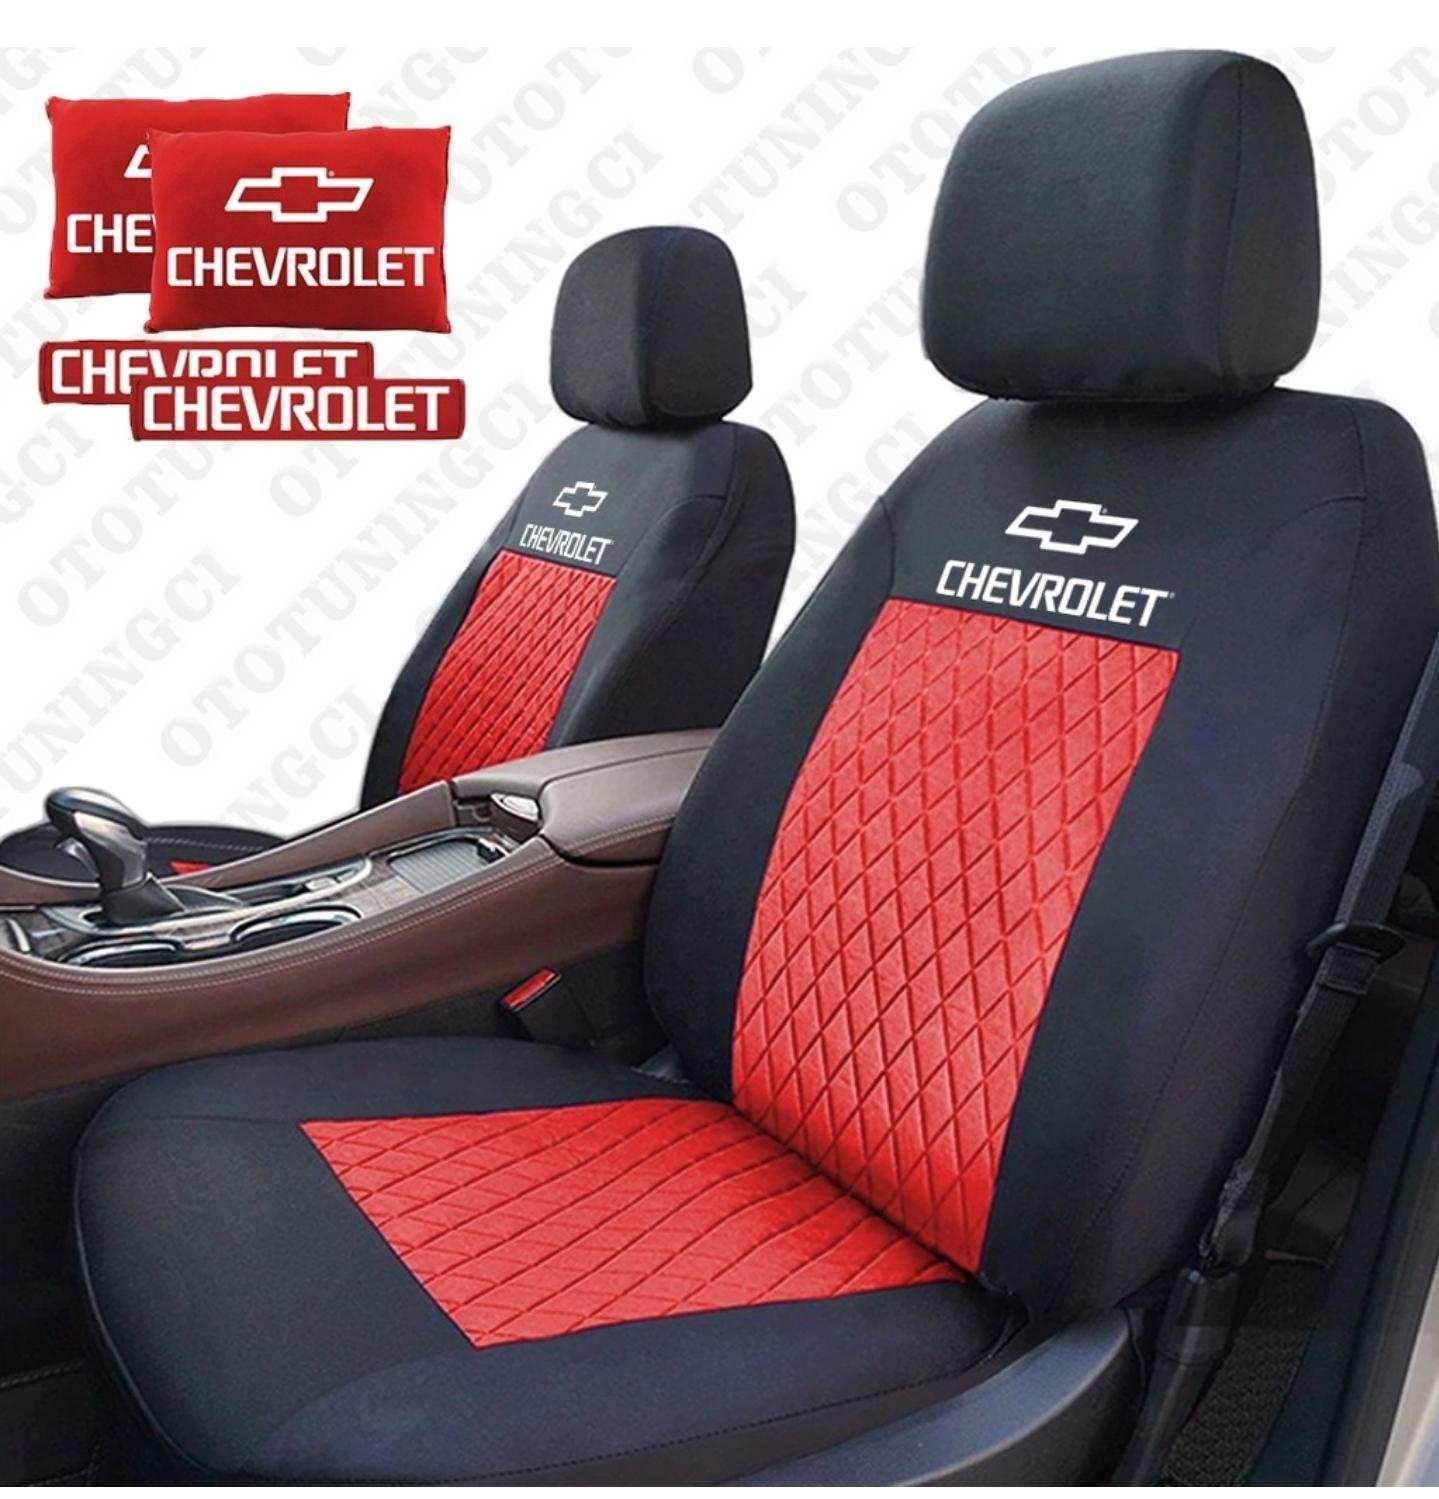 Chevrolet Spor Oto Koltuk Kilifi Set Kumas 2 Li Yastik 2 Li Kemer Hediye Model Seciniz Tum Araclar